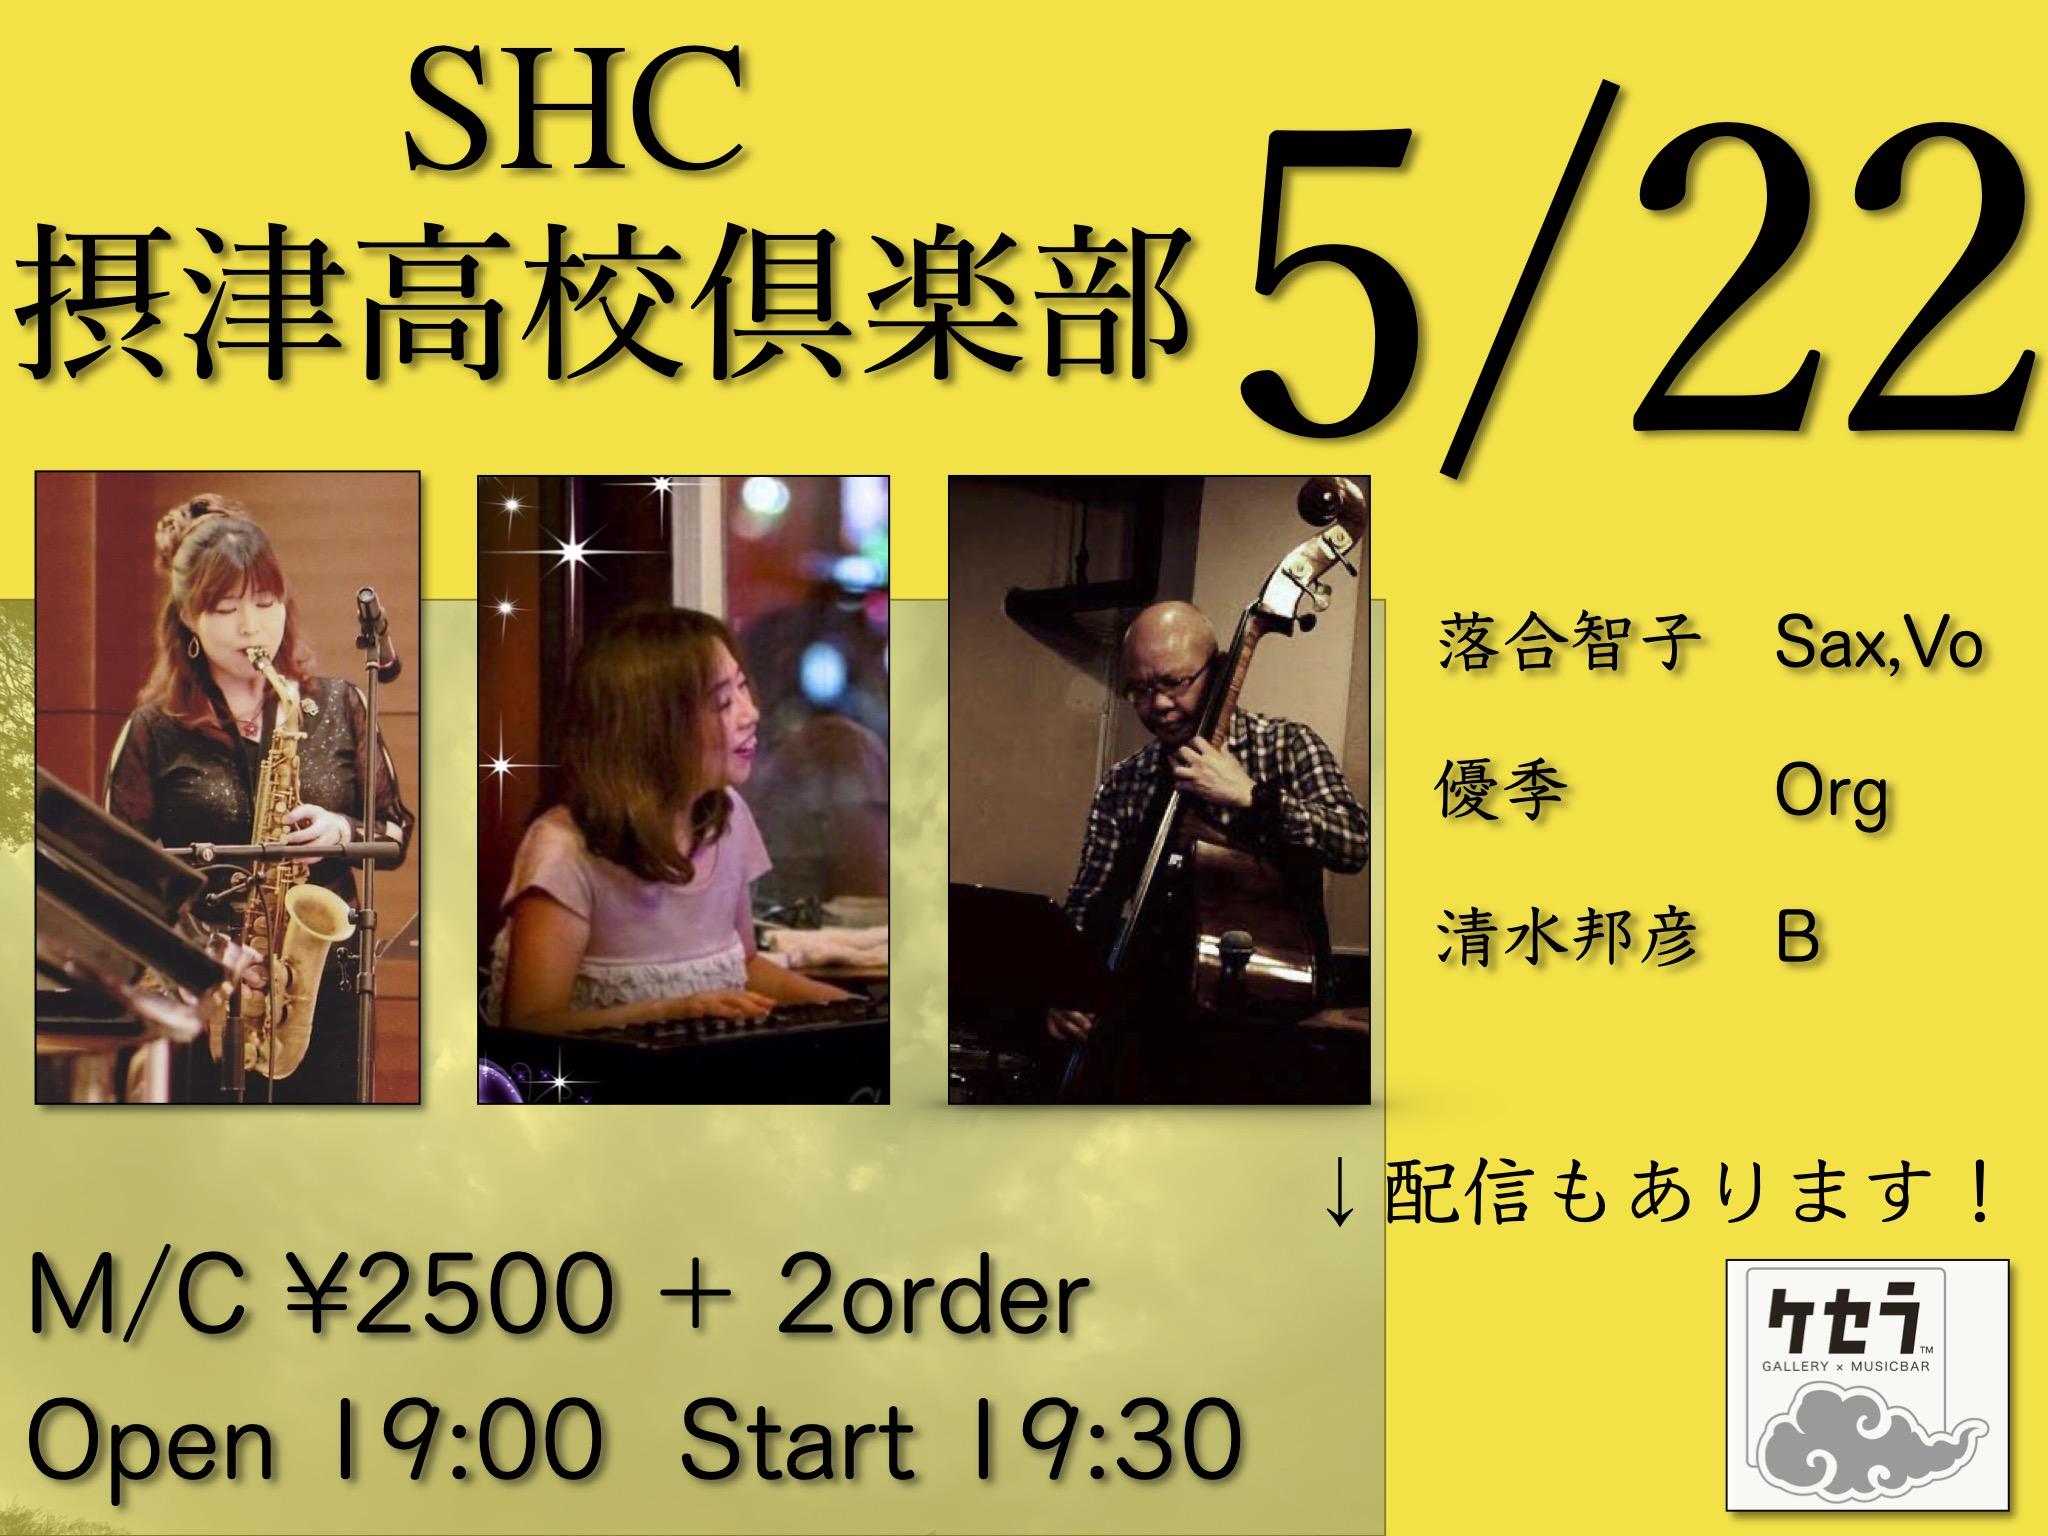 5/22 SHC 摂津高校倶楽部 ※緊急事態宣言に伴い開始時間が変更になりました。